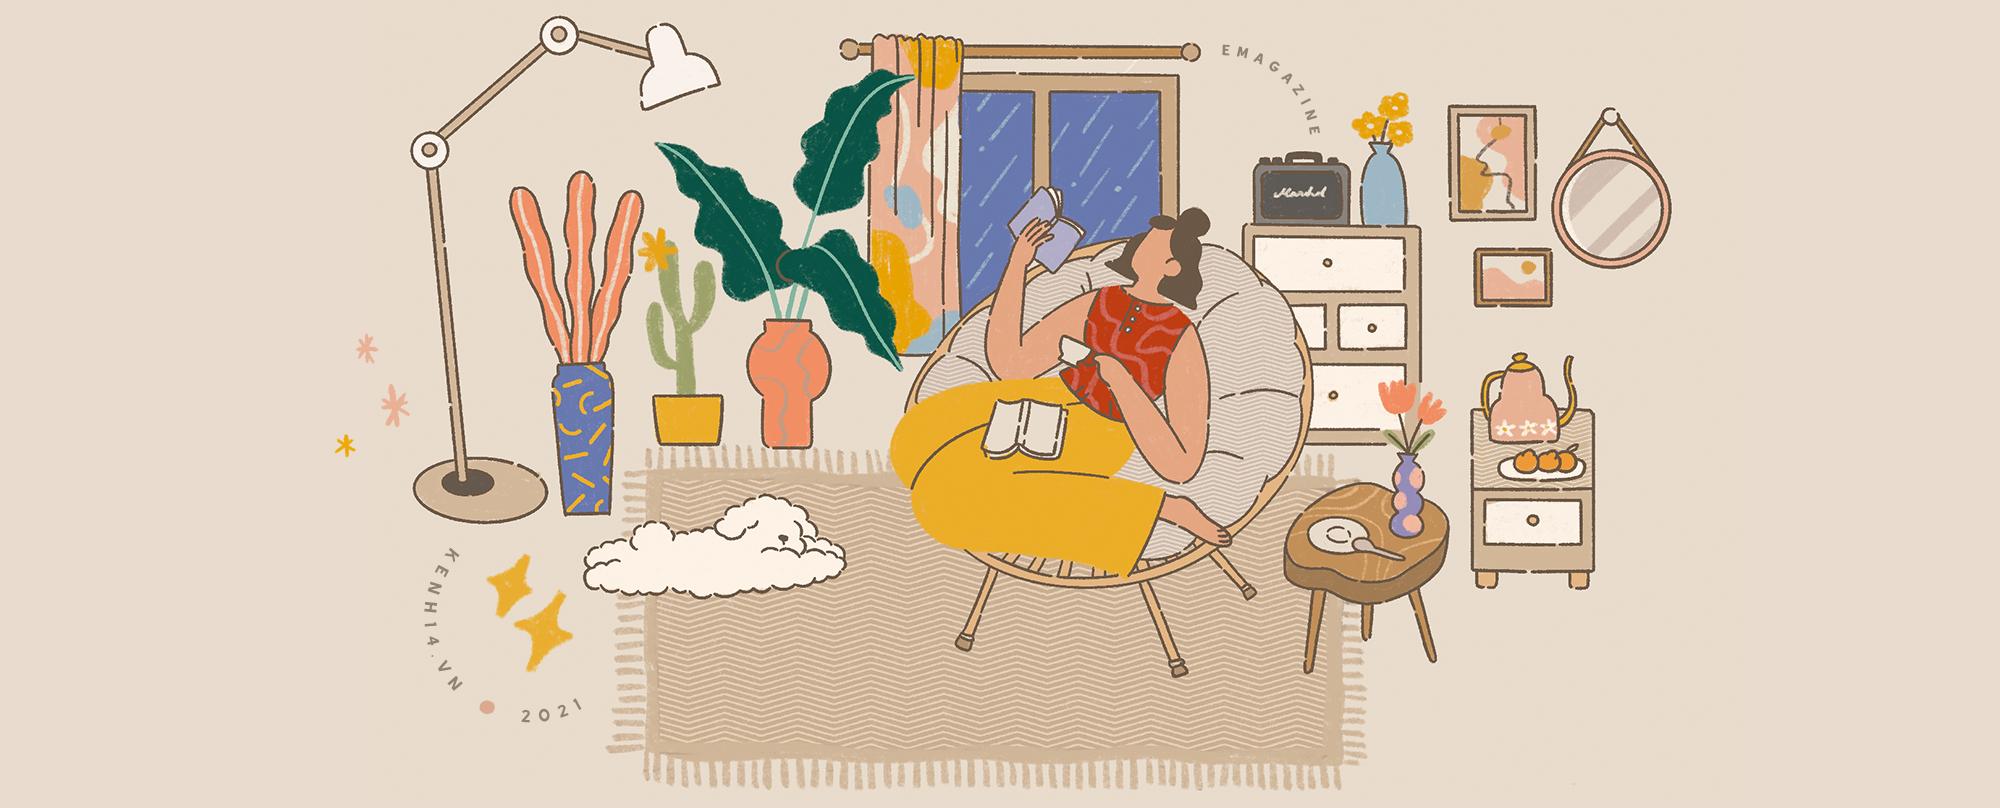 30 tuổi, chẳng cần biết thuộc về ai hay không, phụ nữ vẫn có thể hạnh phúc khi một mình - Ảnh 2.